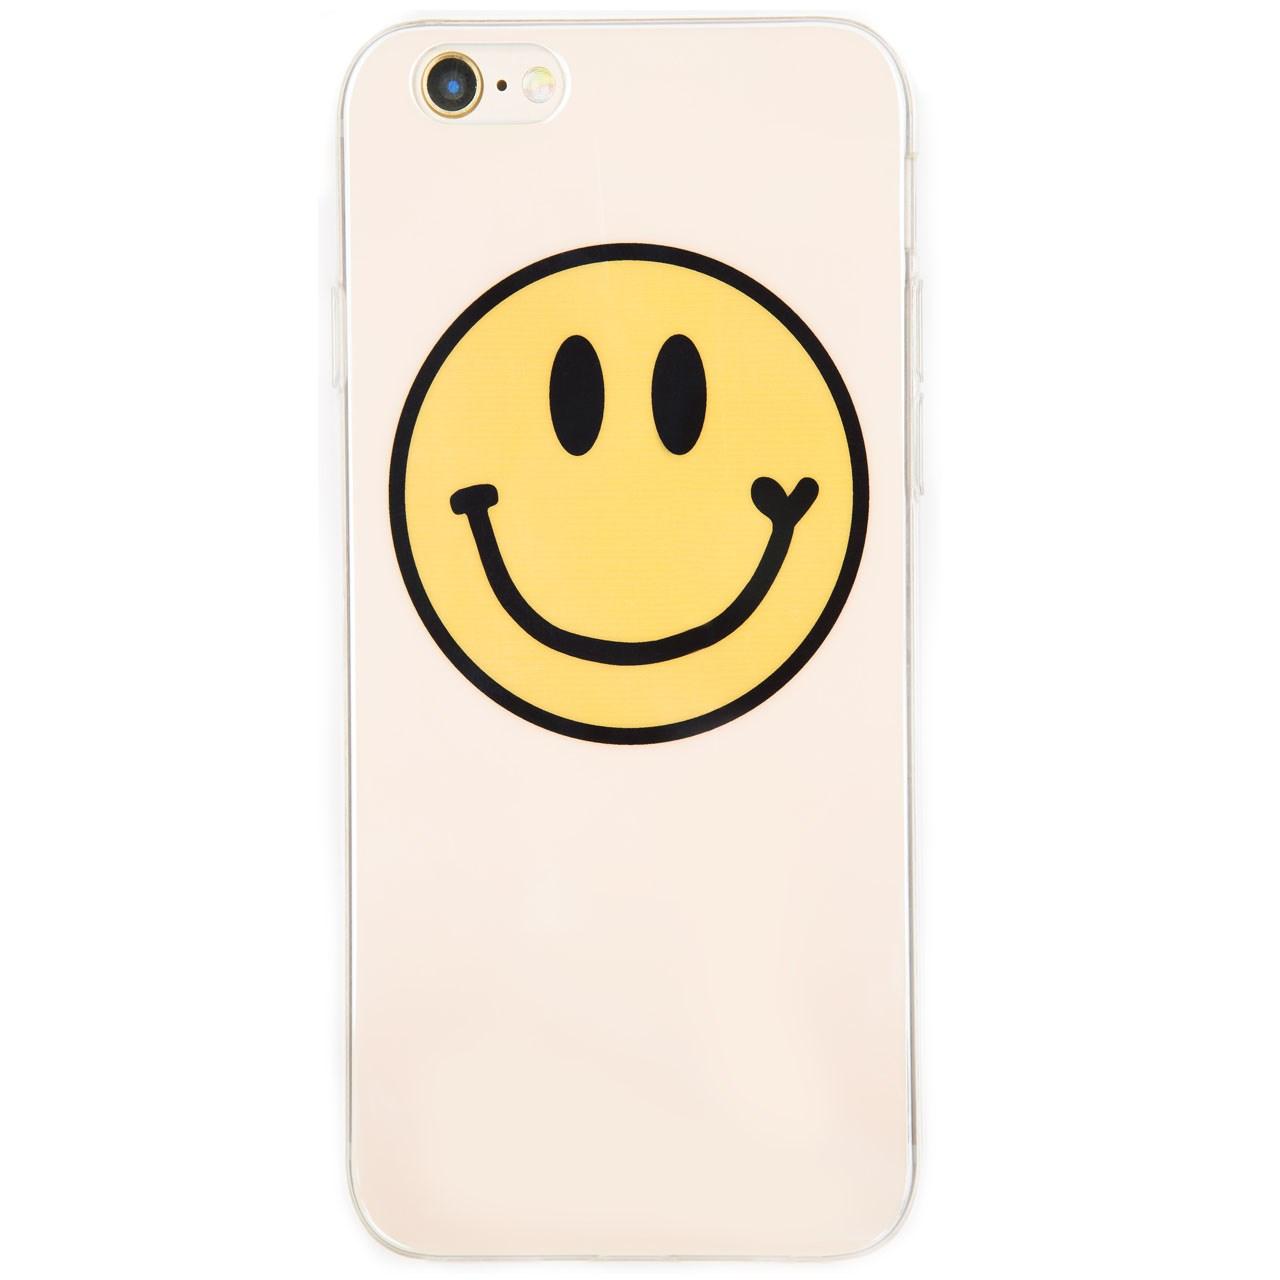 کاور ژله ای مدلSmile مناسب برای گوشی موبایل آیفون 6/6s